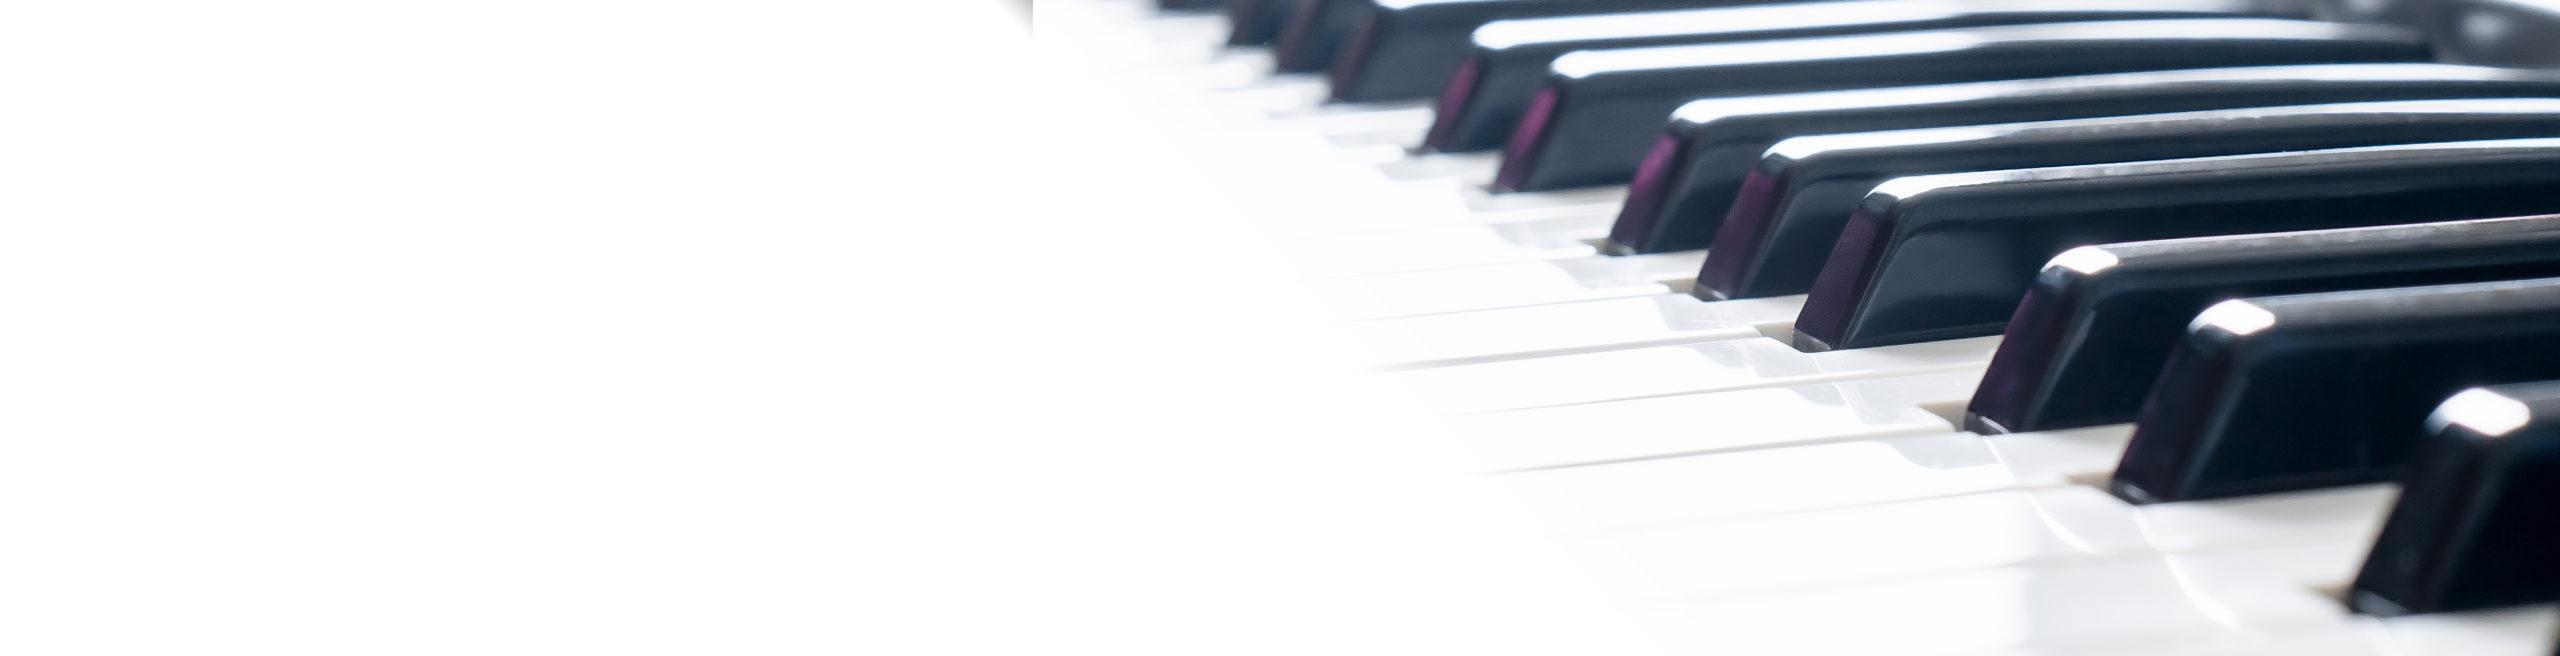 音楽のスケールをわかりやすく解説!(耳コピに必要な基礎知識)